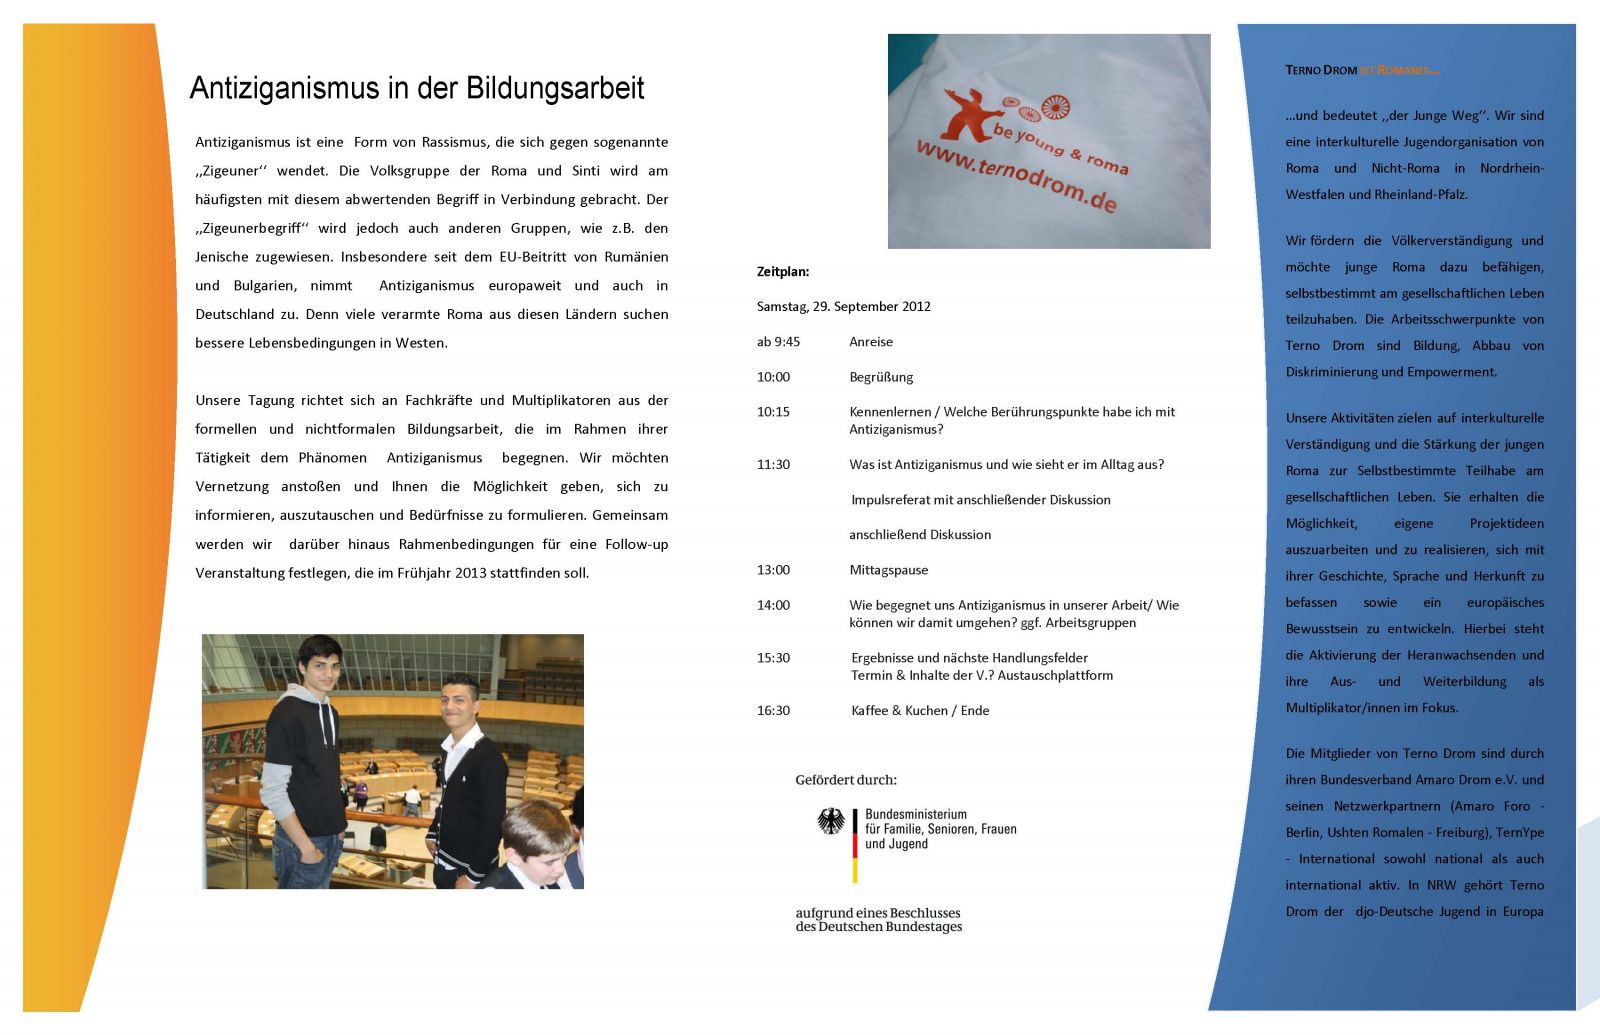 Antiziganismus in der Bildungsarbeit, 29. September in Köln   www ...